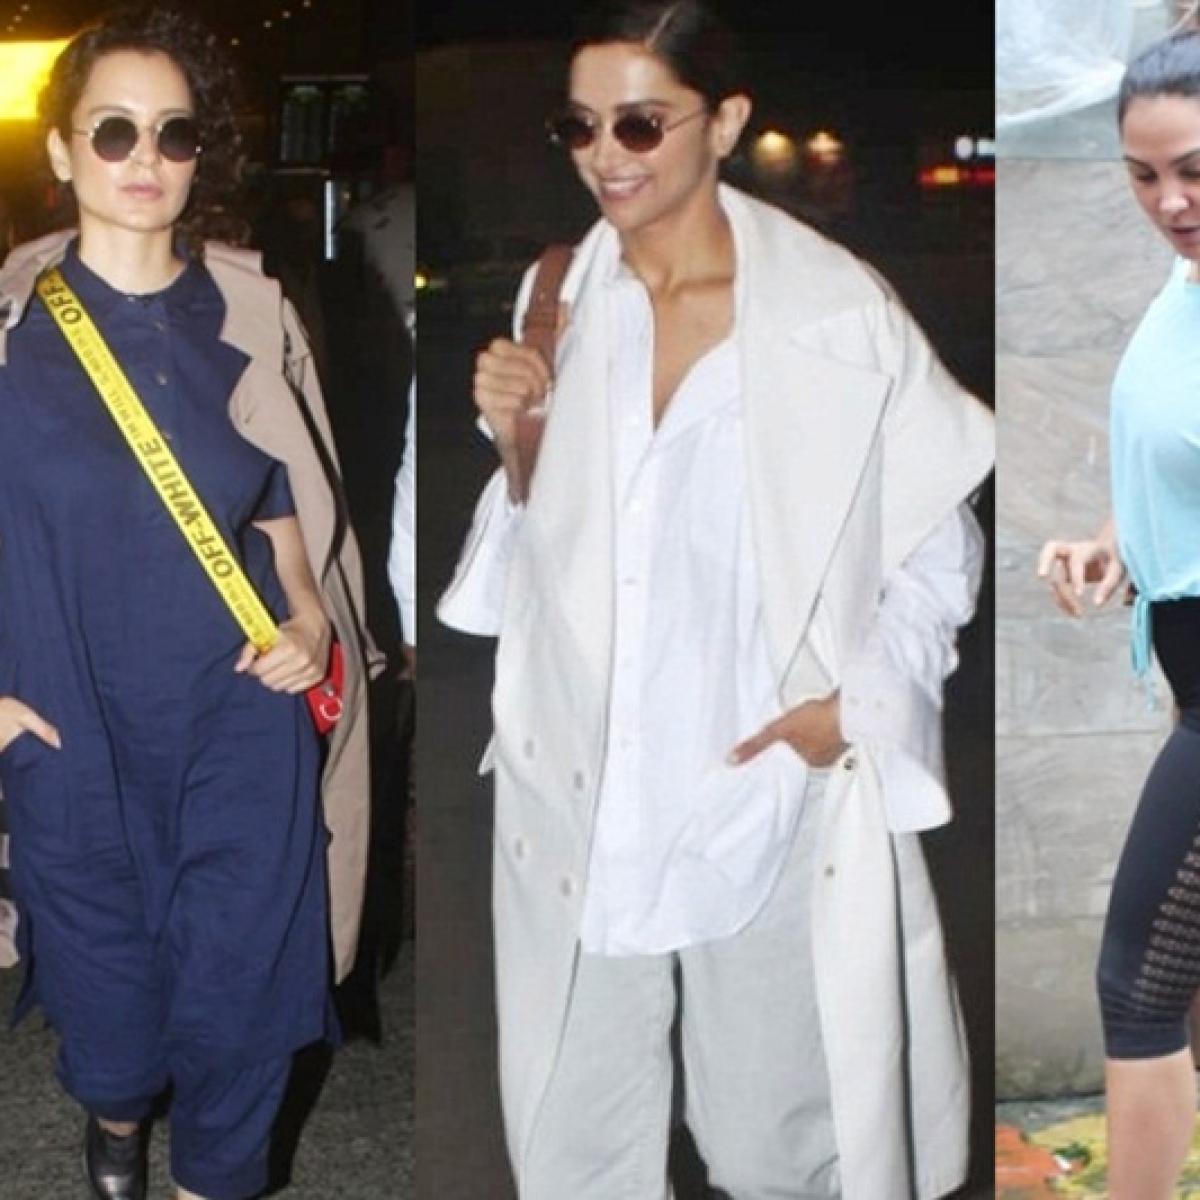 In Pics: What are Kangana Ranaut, Deepika Padukone, Lara Dutta and others up to?